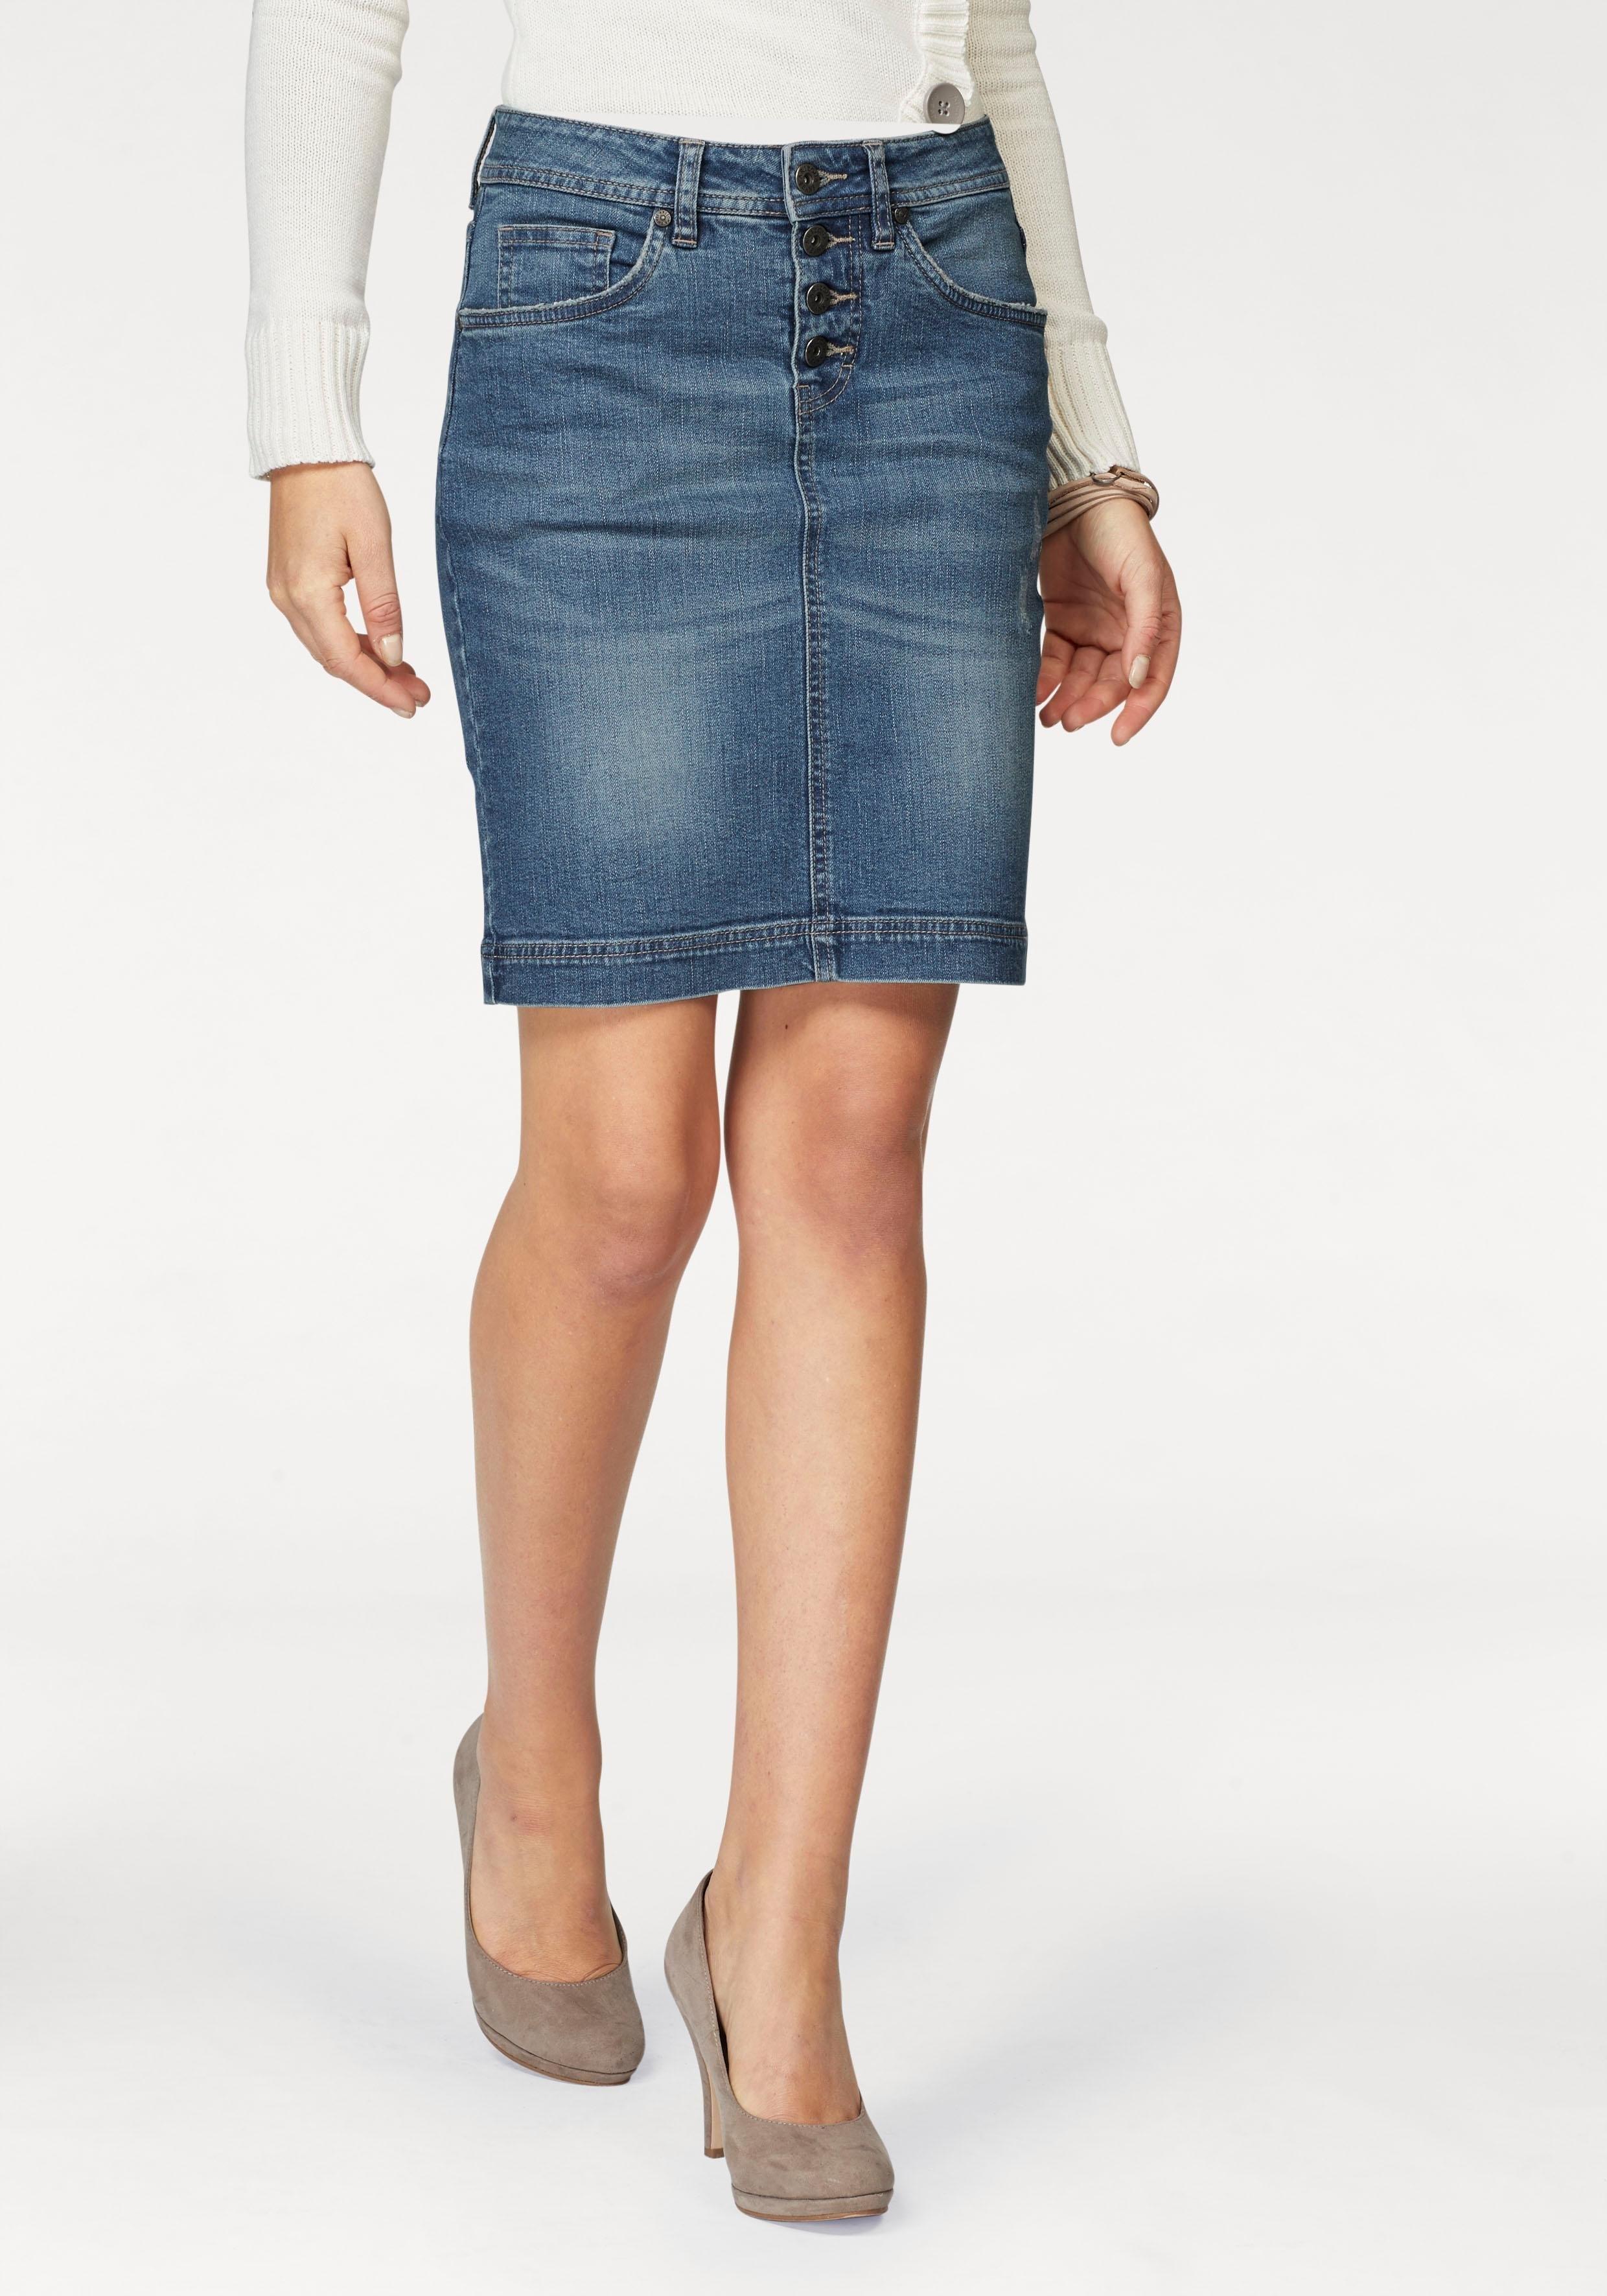 ARIZONA jeansrok »met zichtbare knoopsluiting« voordelig en veilig online kopen